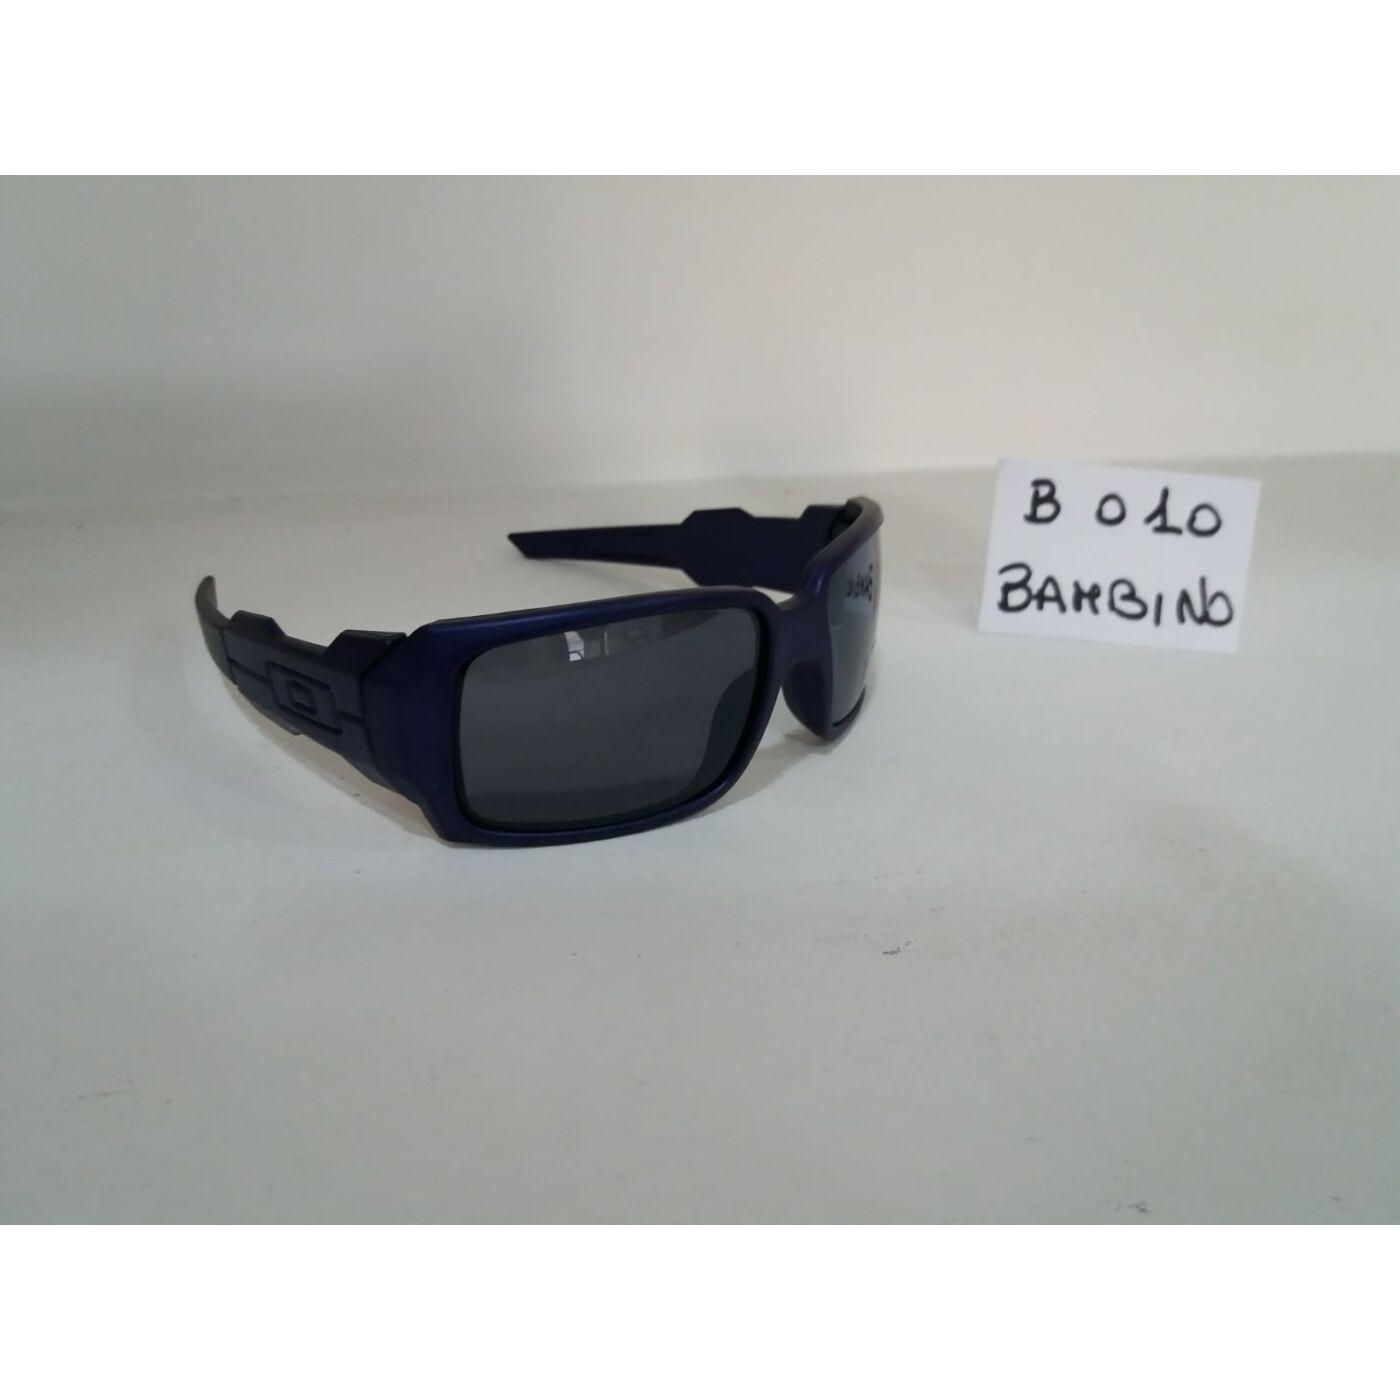 Gyerek napszemüveg - B010